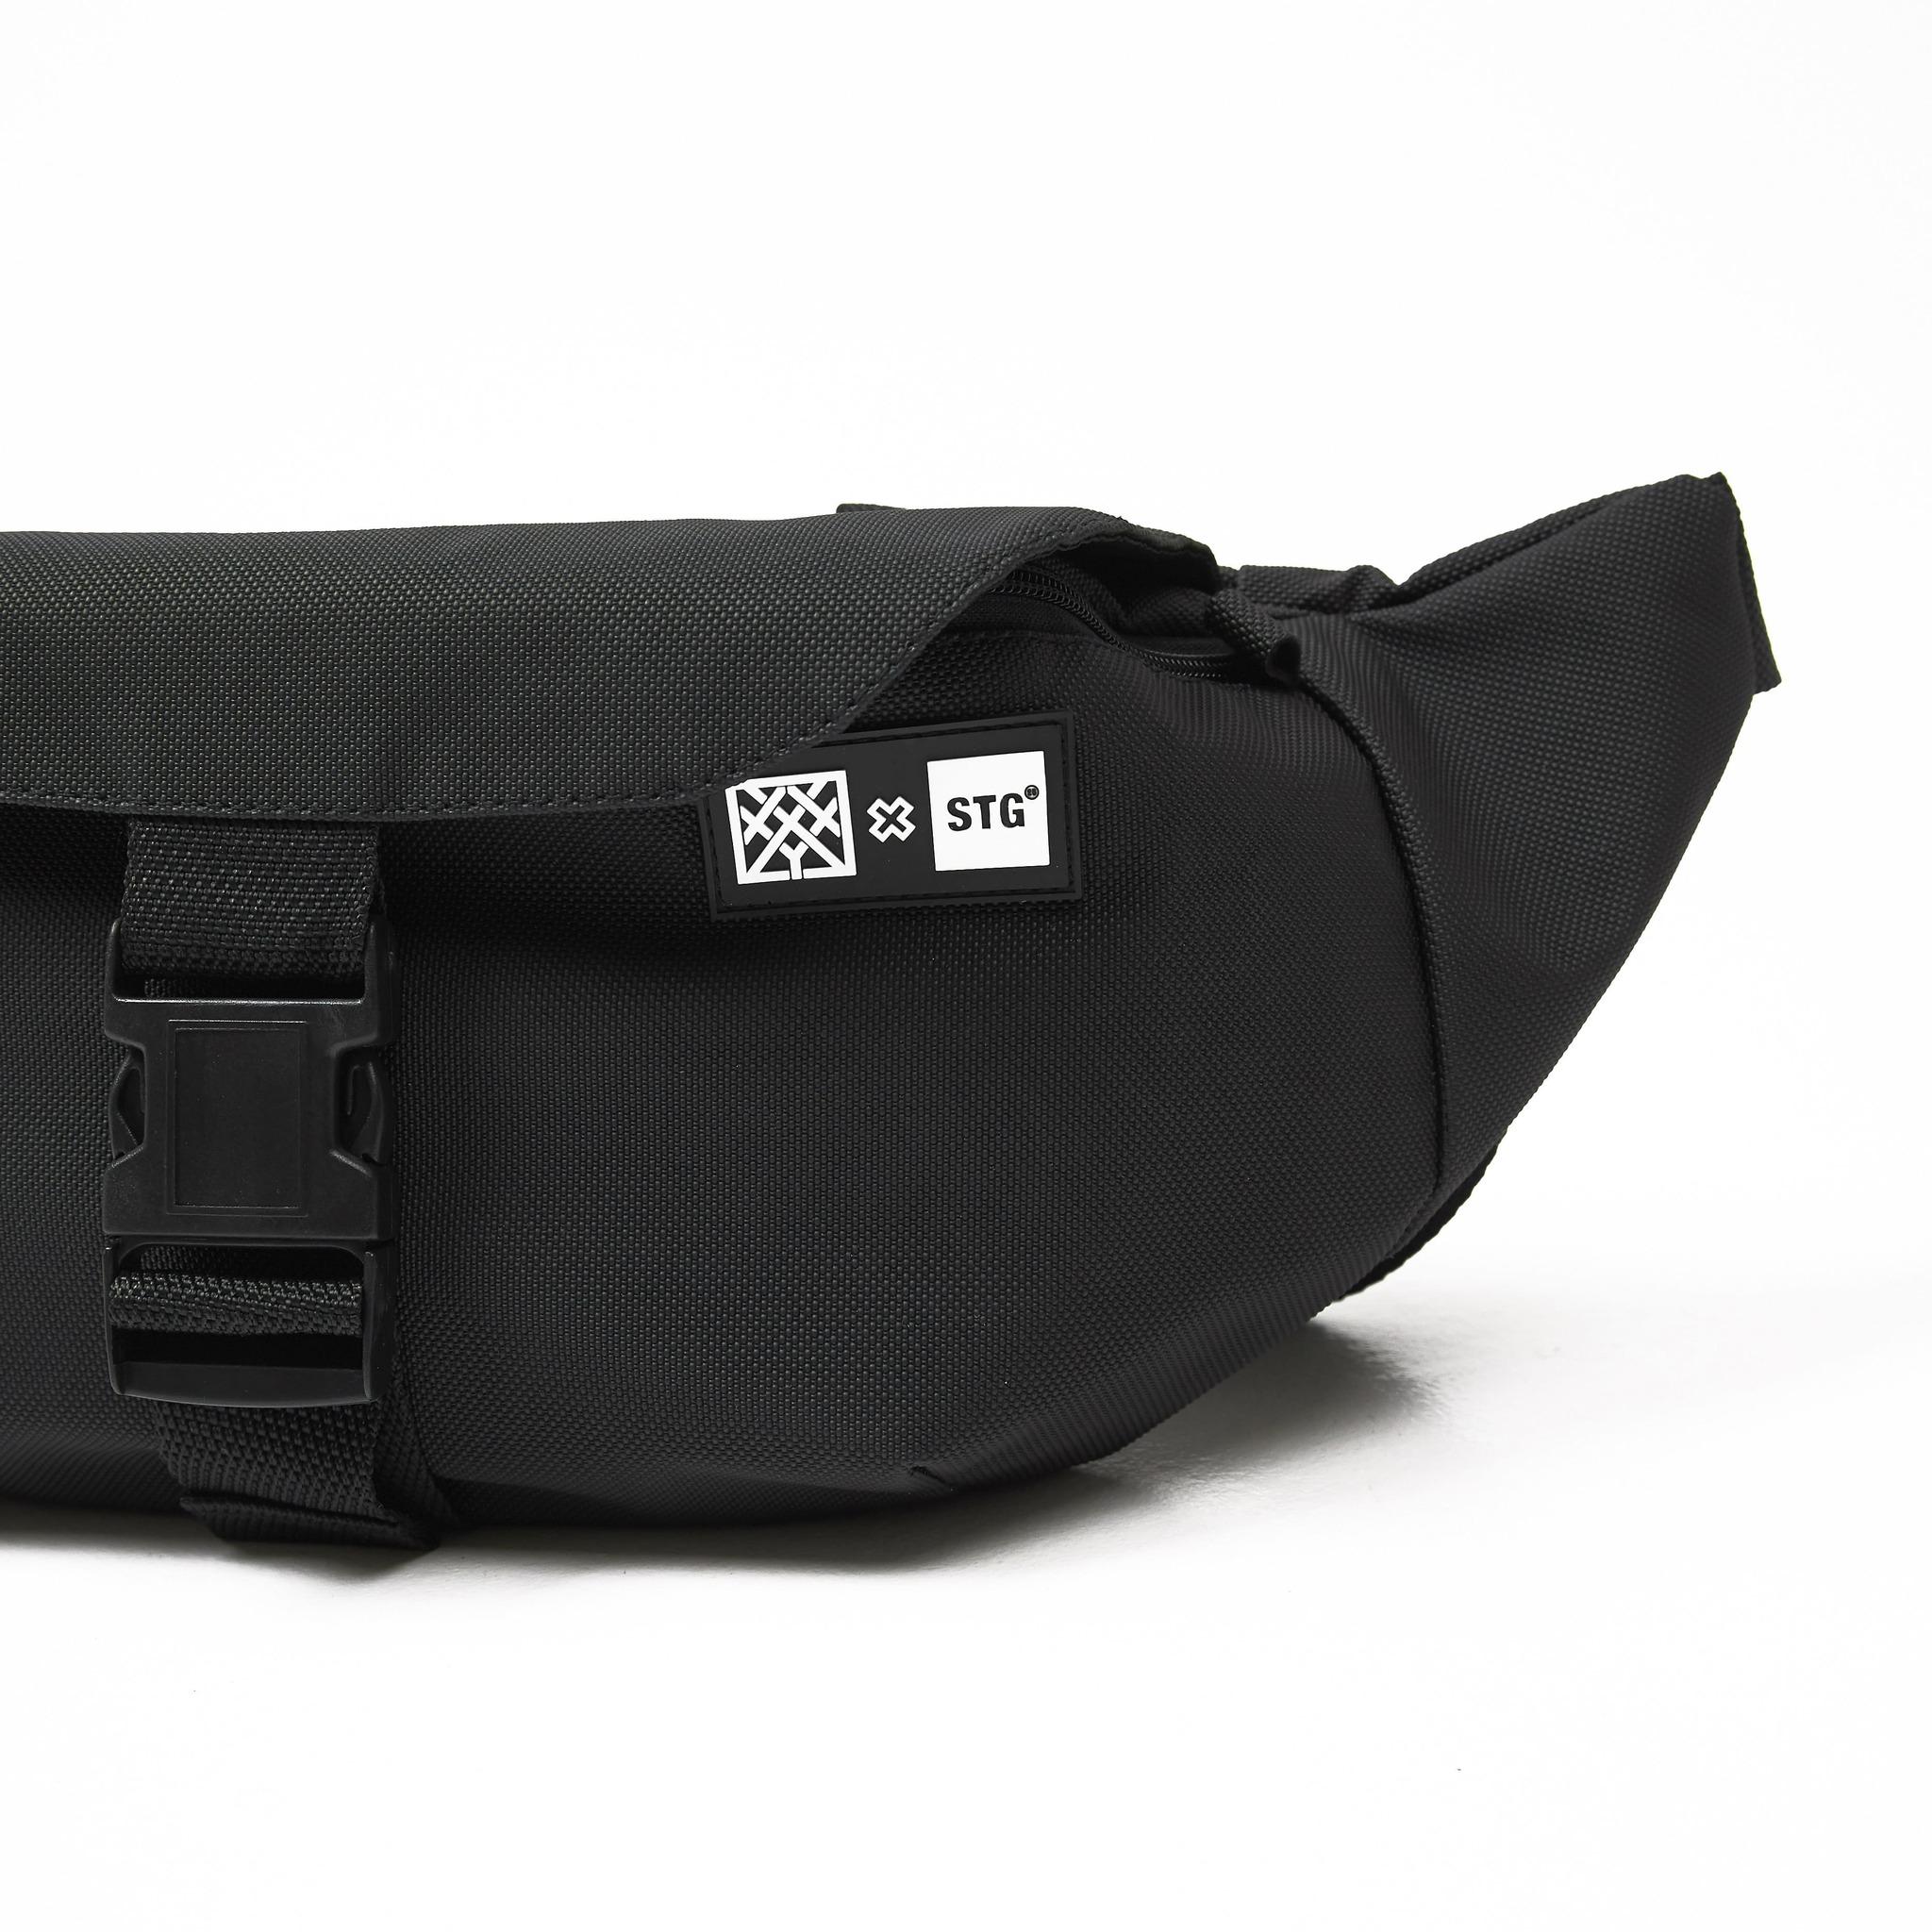 Поясная сумка Oxxxyshop × STG26 большая